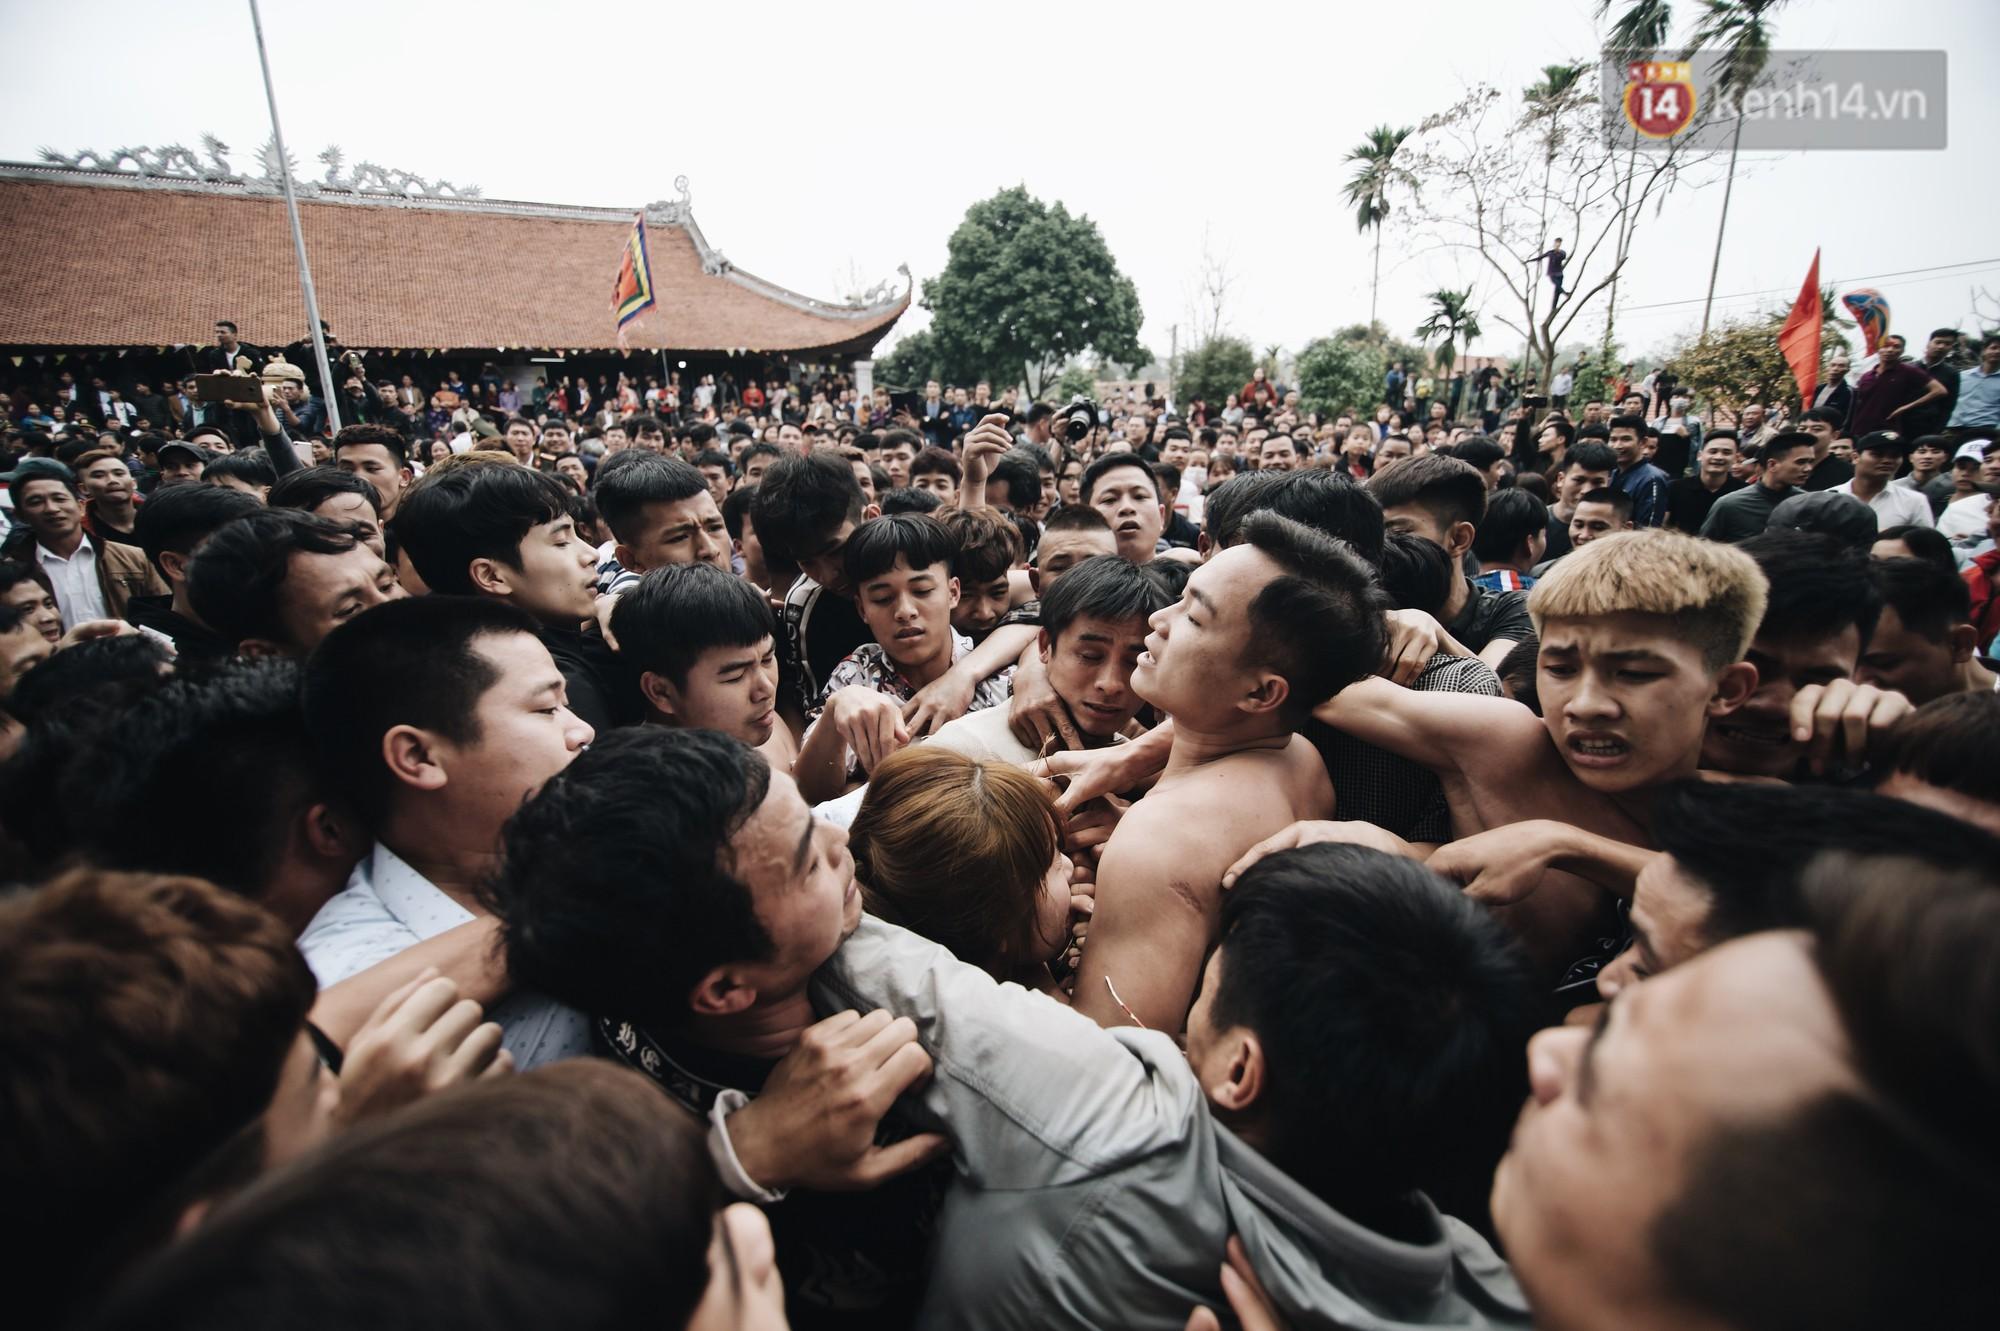 Hàng trăm thanh niên giẫm đạp, tranh cuớp chiếu thiêng mong sinh con trai - Ảnh 10.